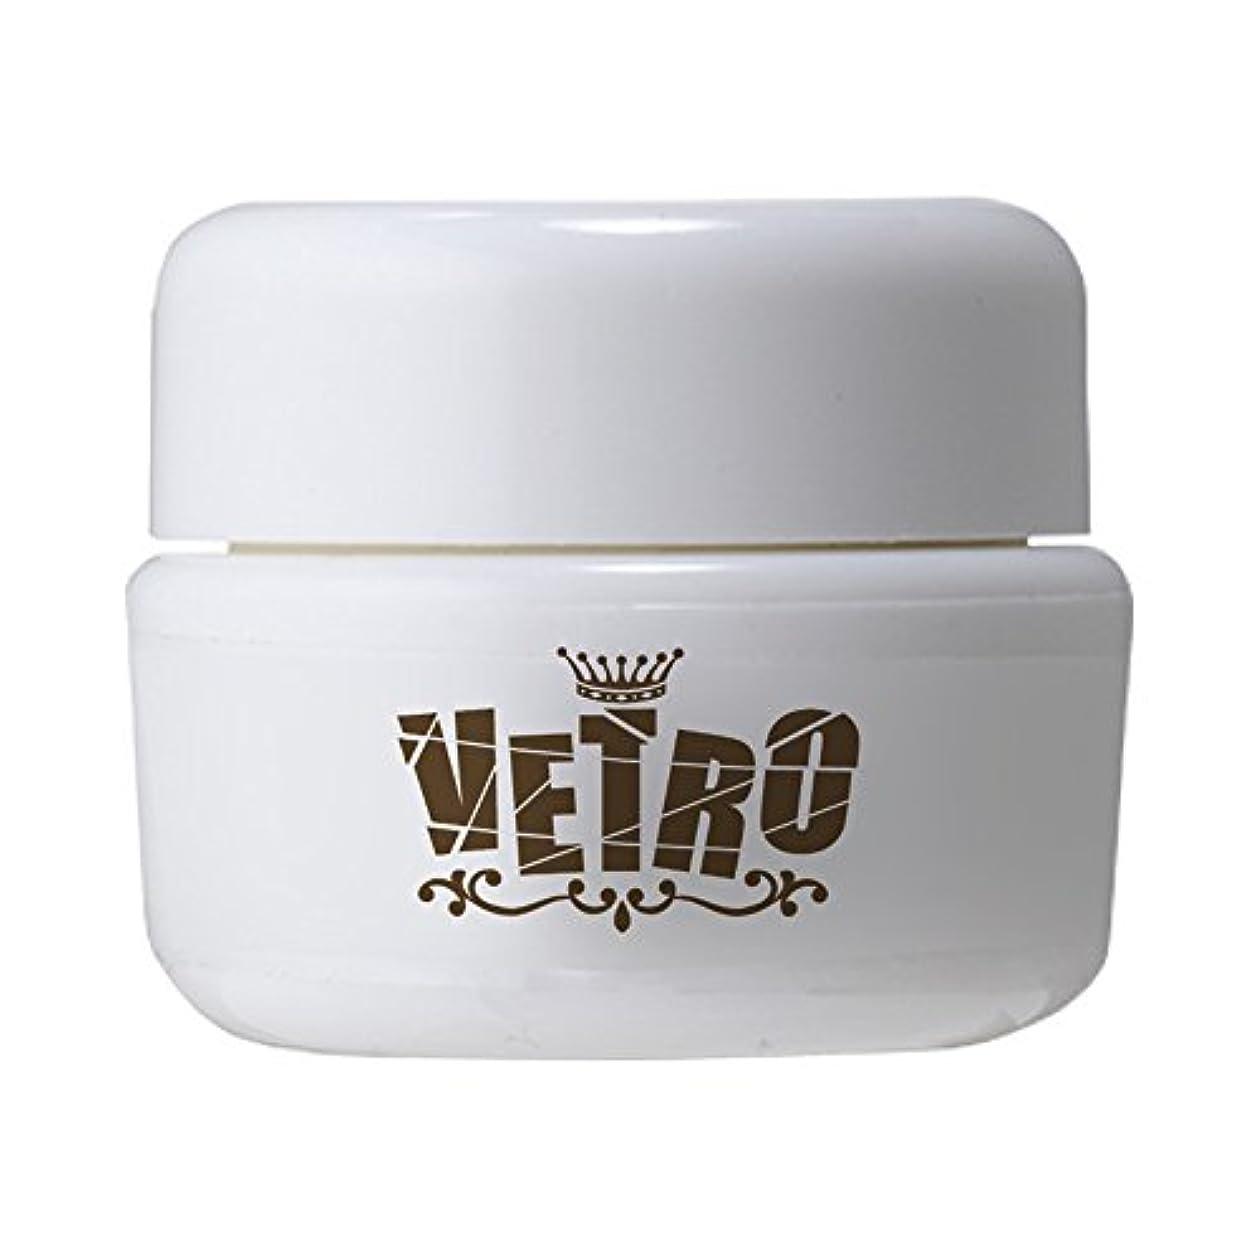 お金磁石VETRO No.19 カラージェル パール VLT982 ジュエリーコースト 4ml